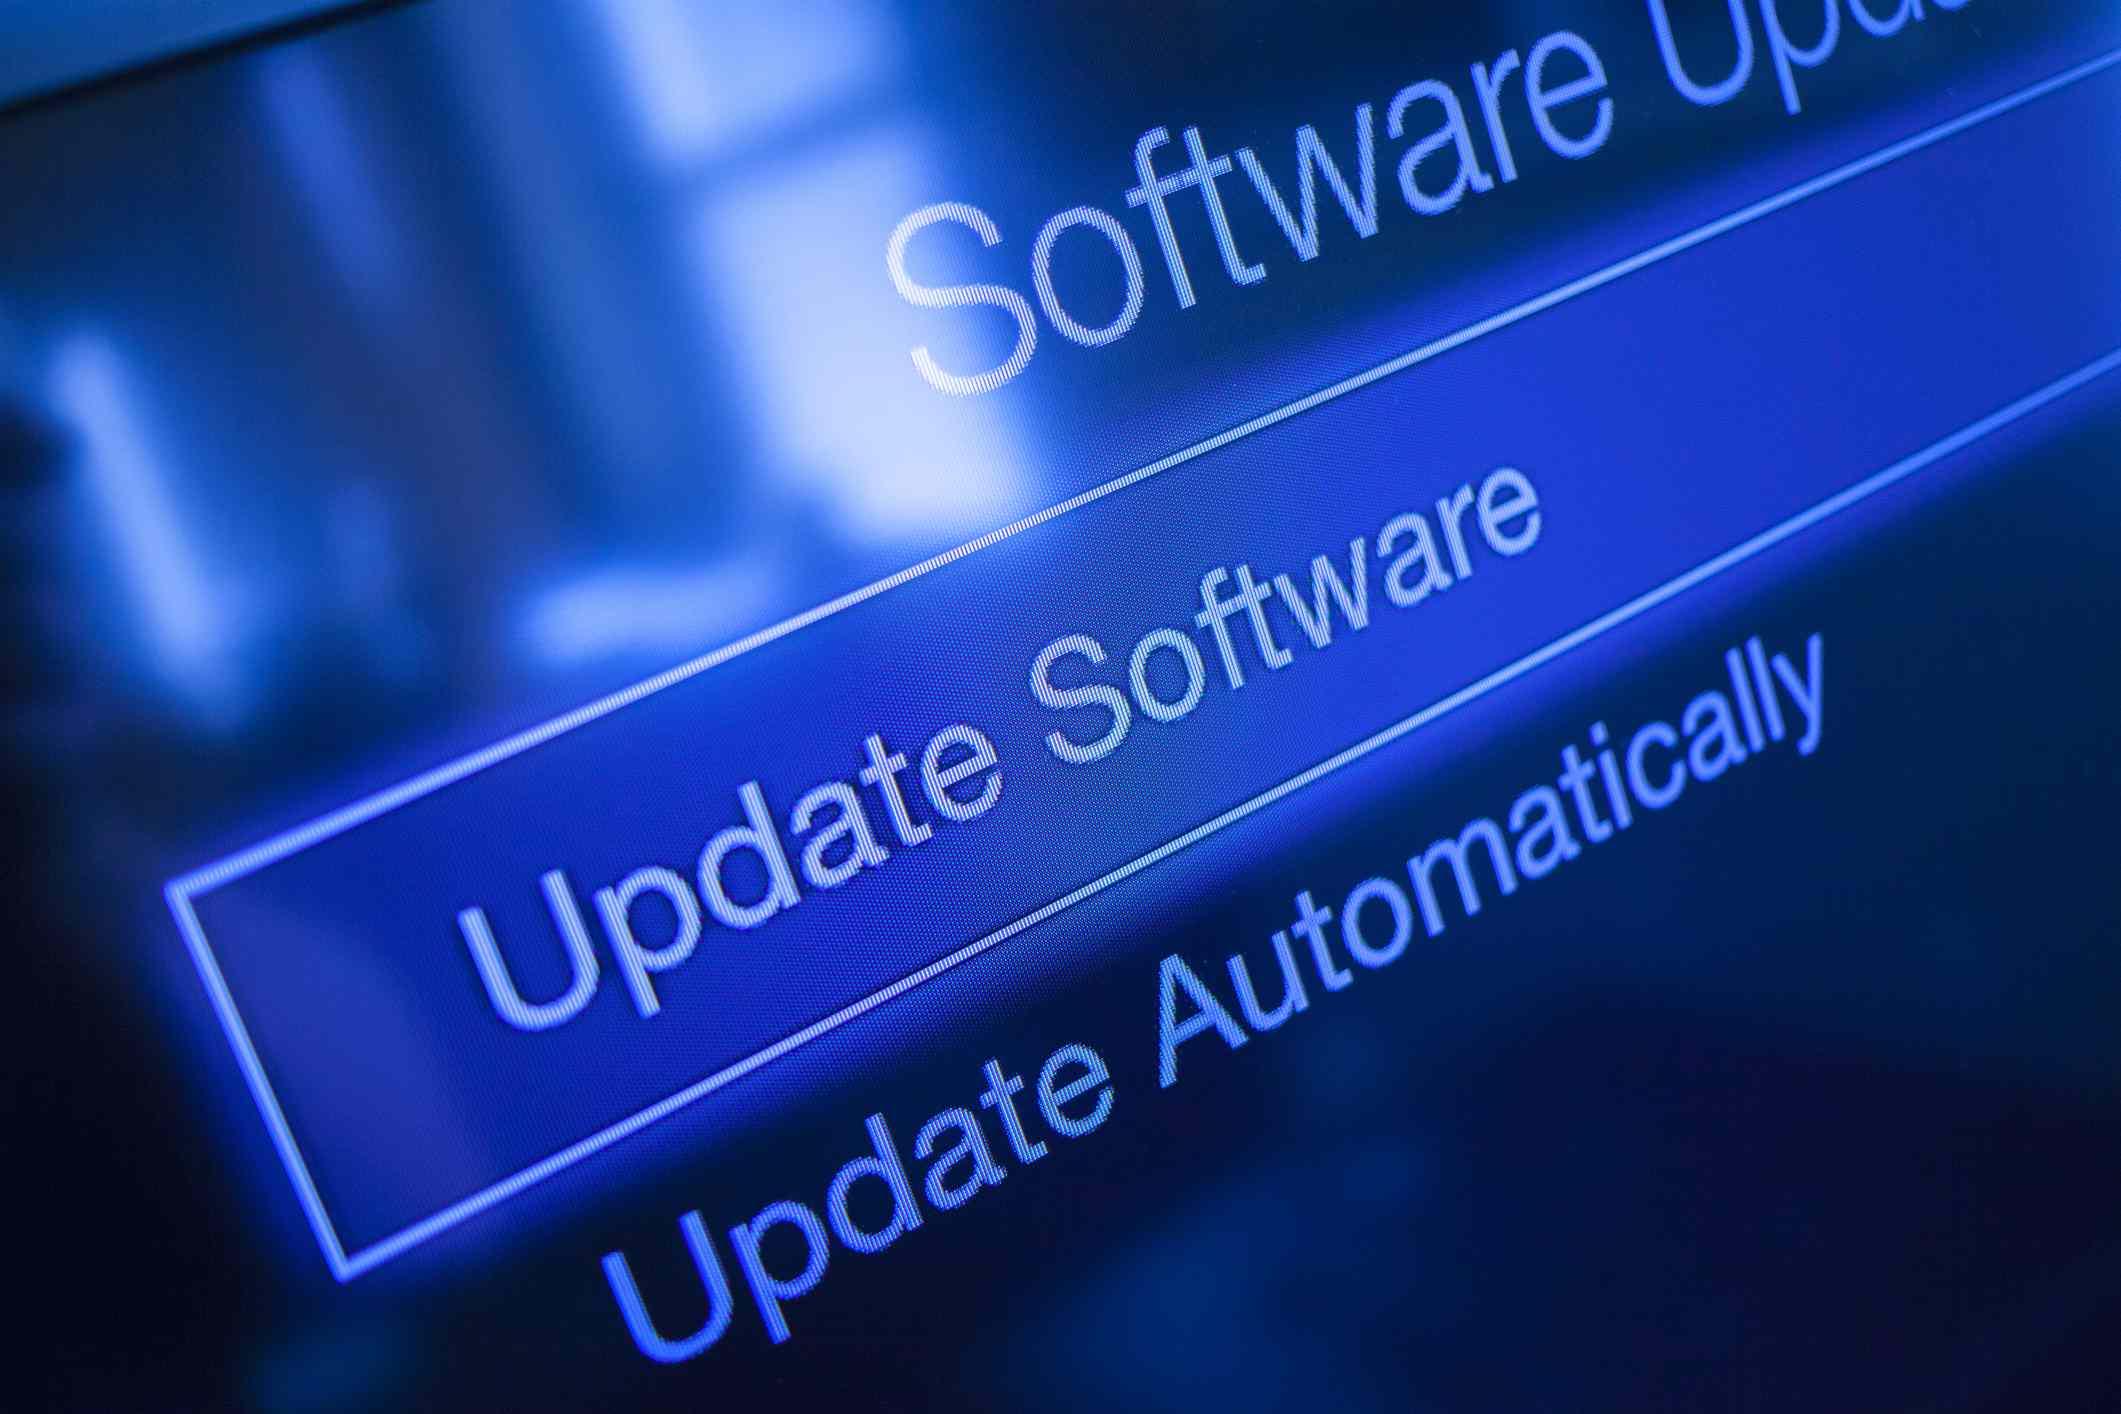 Software Update Screen